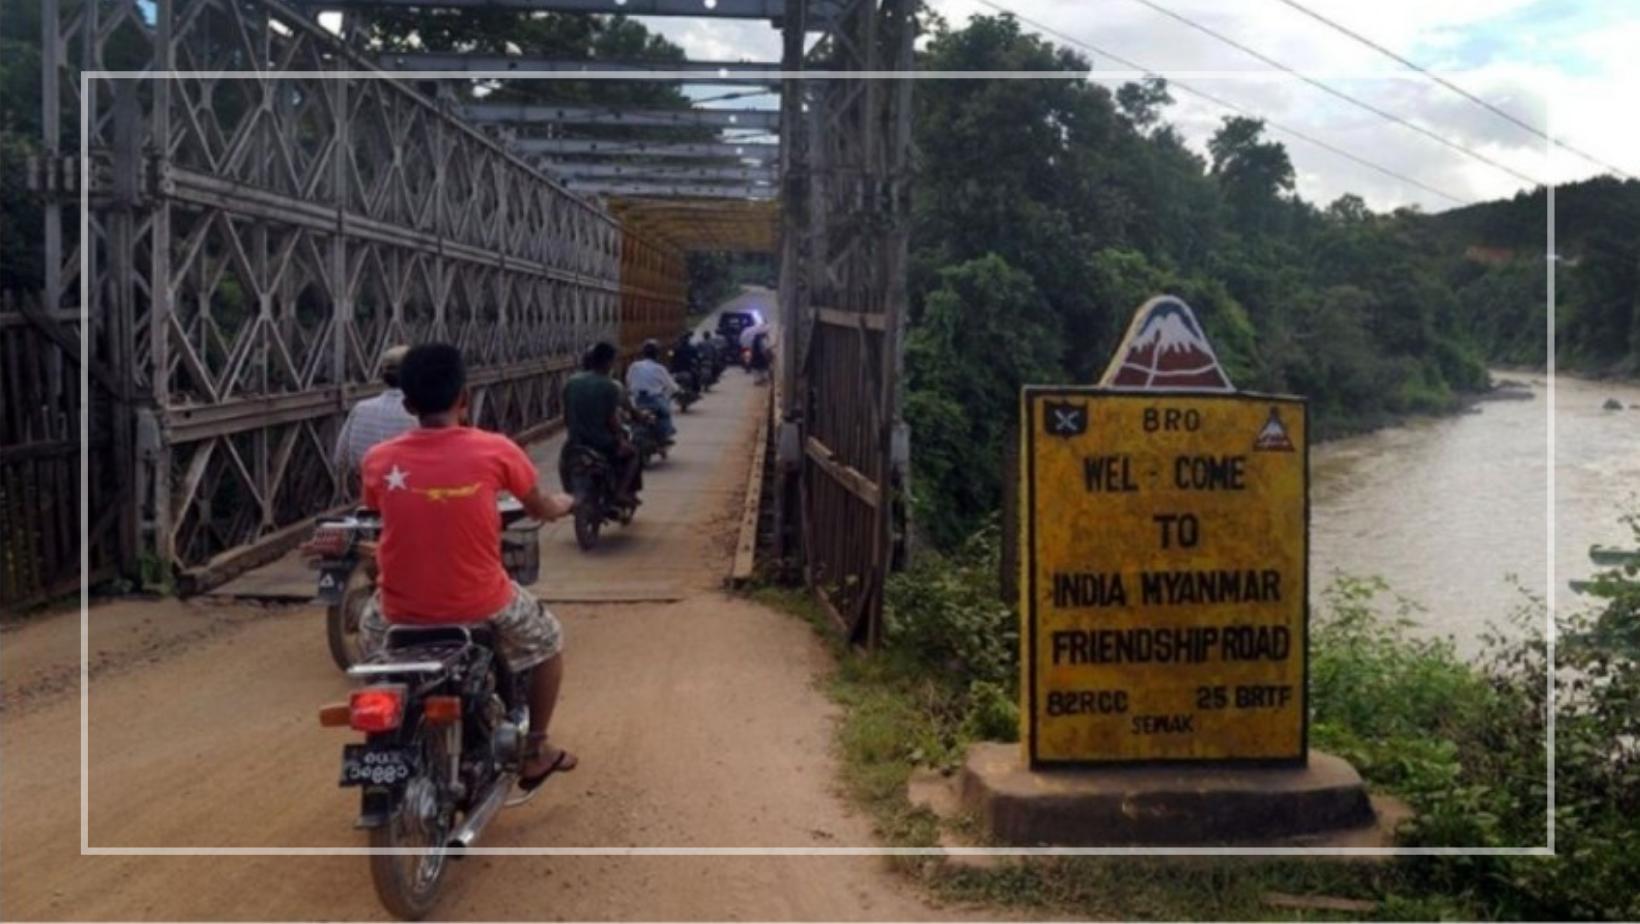 মিয়ানমার নাগরিকেরা দলে দলে ঢুকে পড়ছে ভারতে